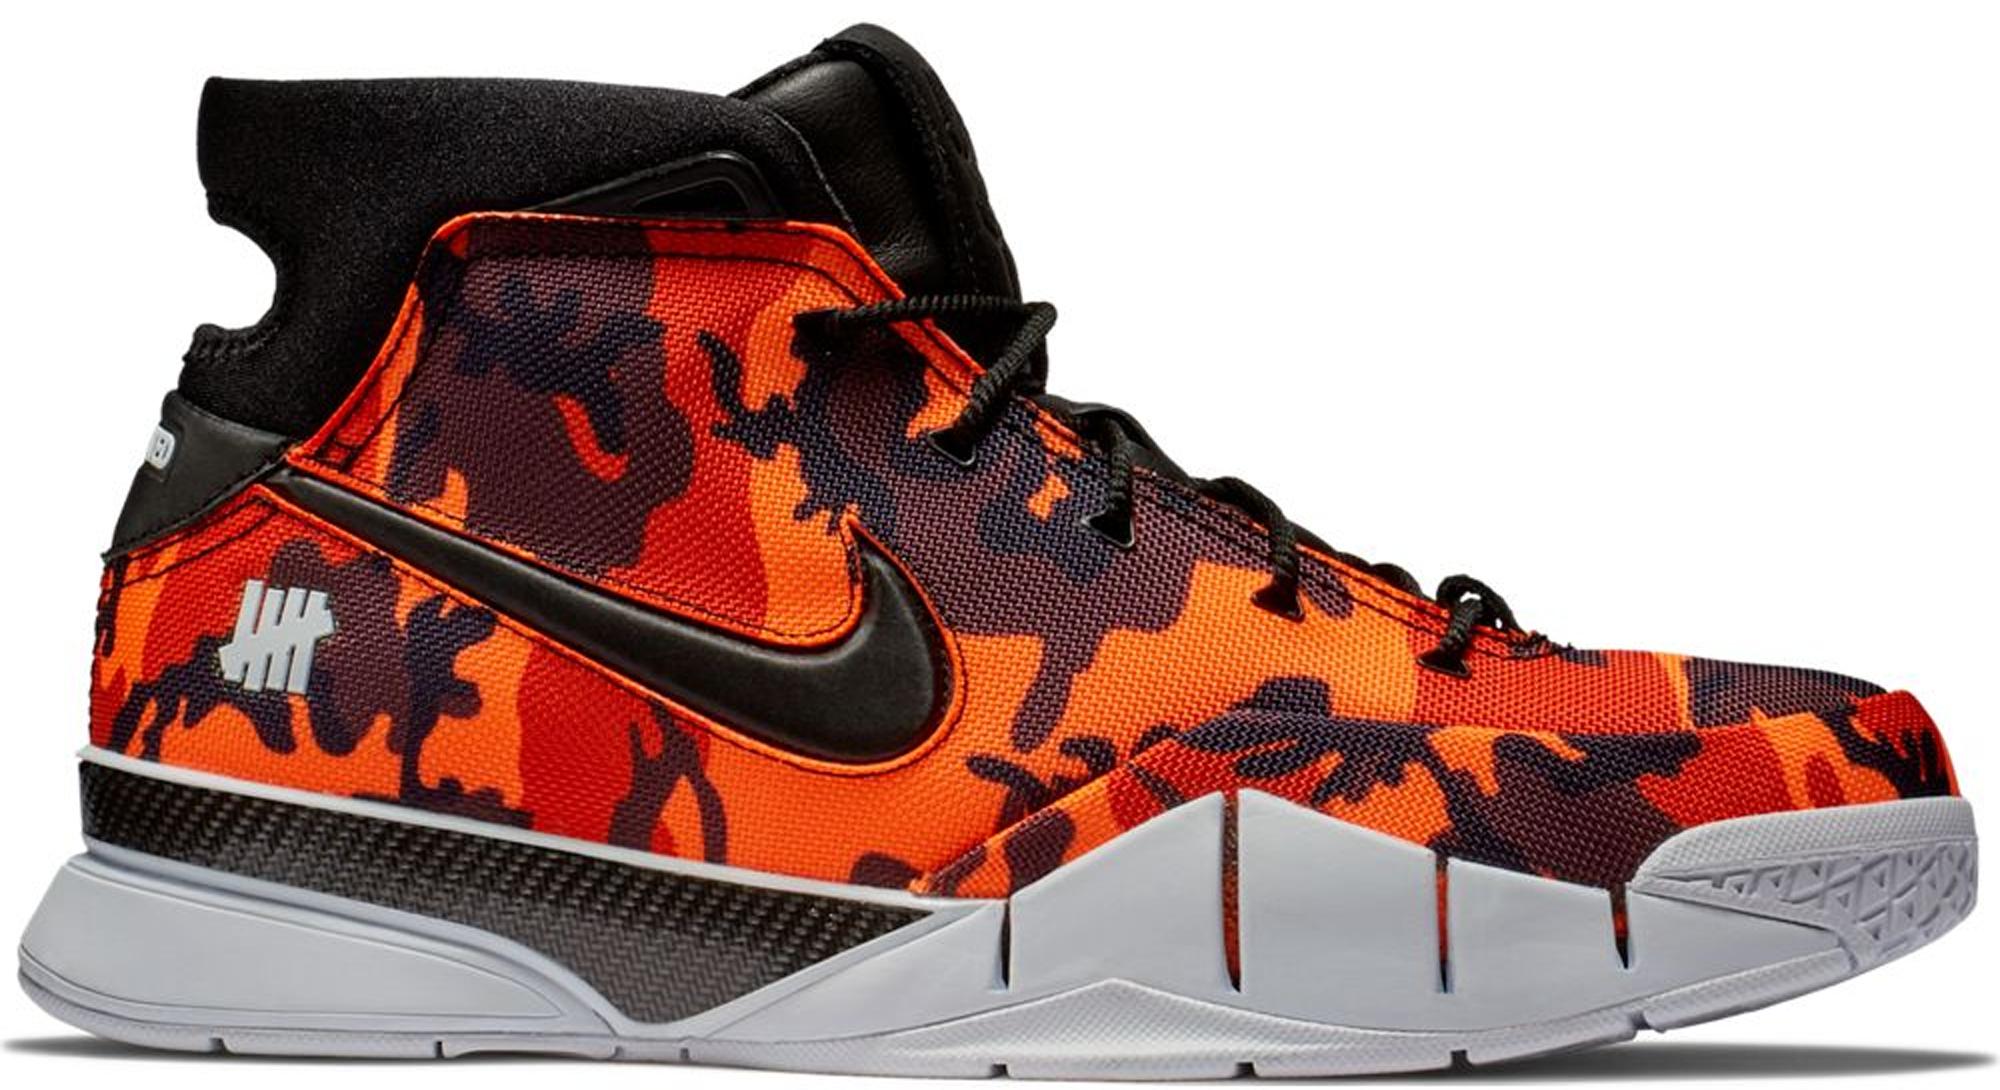 Nike Kobe 1 Protro Undefeated Orange